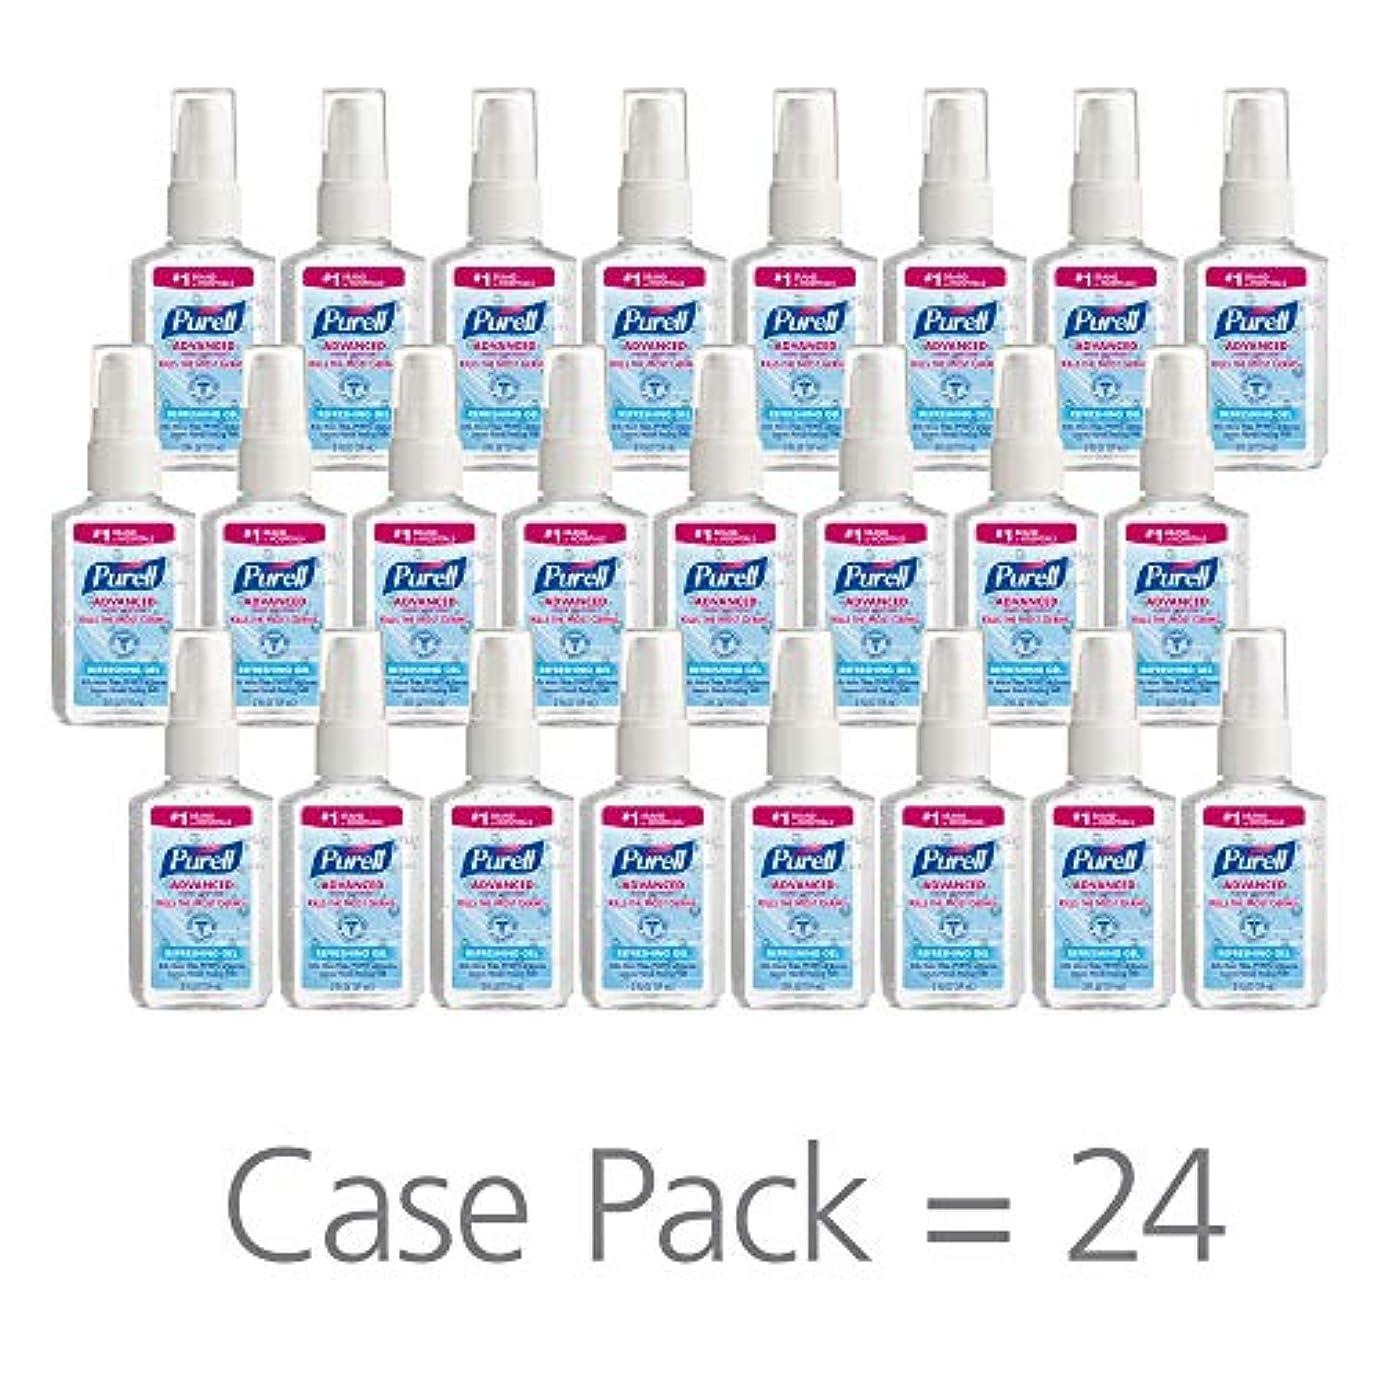 弓ゲージ微生物PURELL 9606-24 Advanced Instant Hand Sanitizer, 2 fl. oz. Pump Bottle (Case of 24),2 fl. Oz by Purell